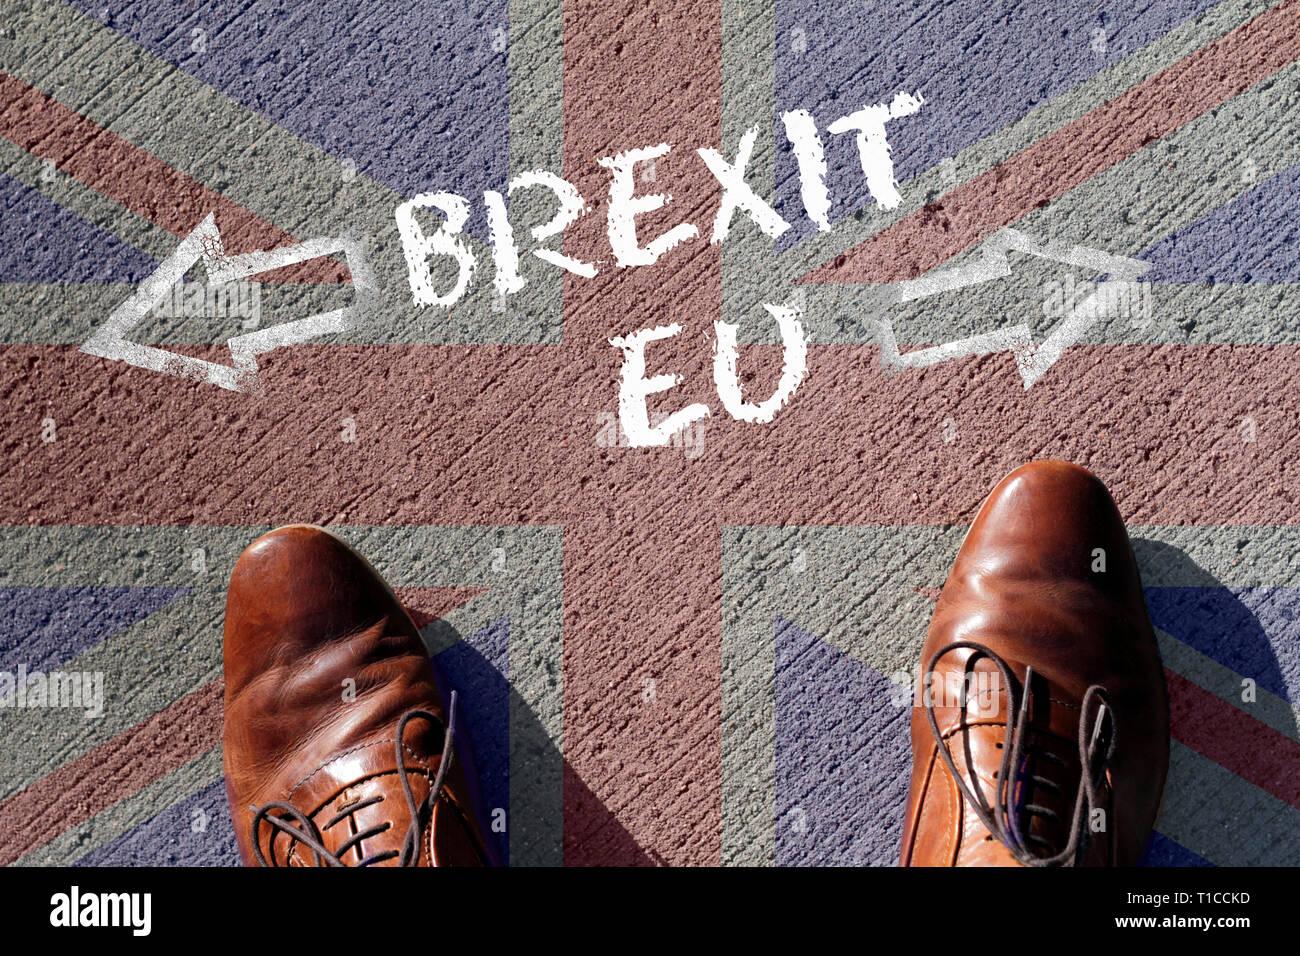 6d7b836891b87c Beschluss  Brexit oder keine Brexit. Auf der Suche nach Ein Paar Schuhe und  der